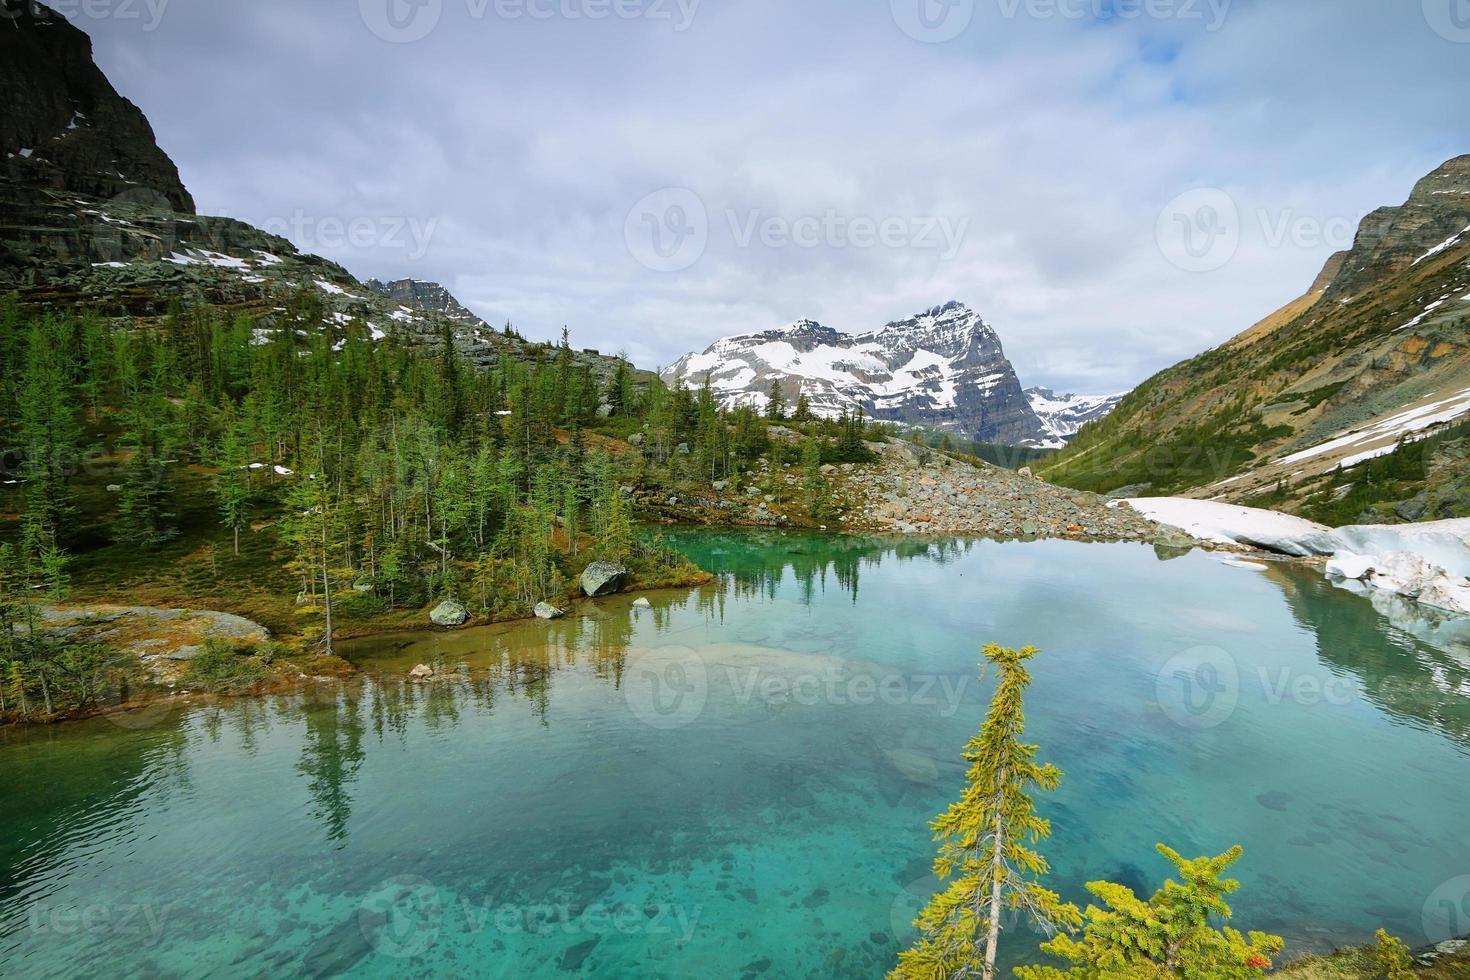 petit lac vert dans le sentier du lac oesa photo